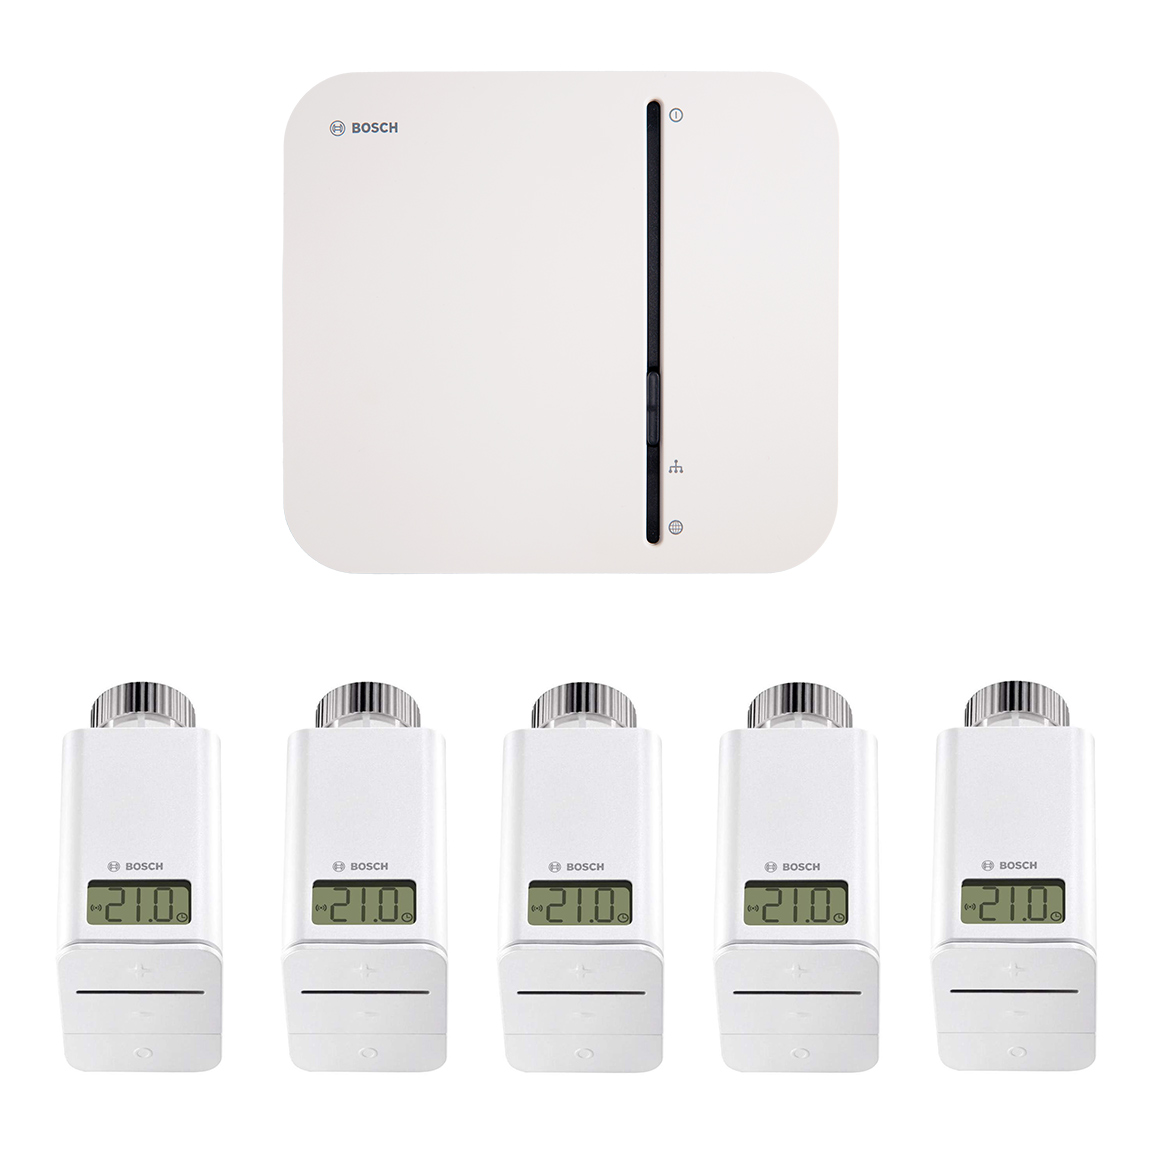 Bosch Smart Home - Starter Set Heizung mit 4 Thermostaten + gratis Twinguard + Twist